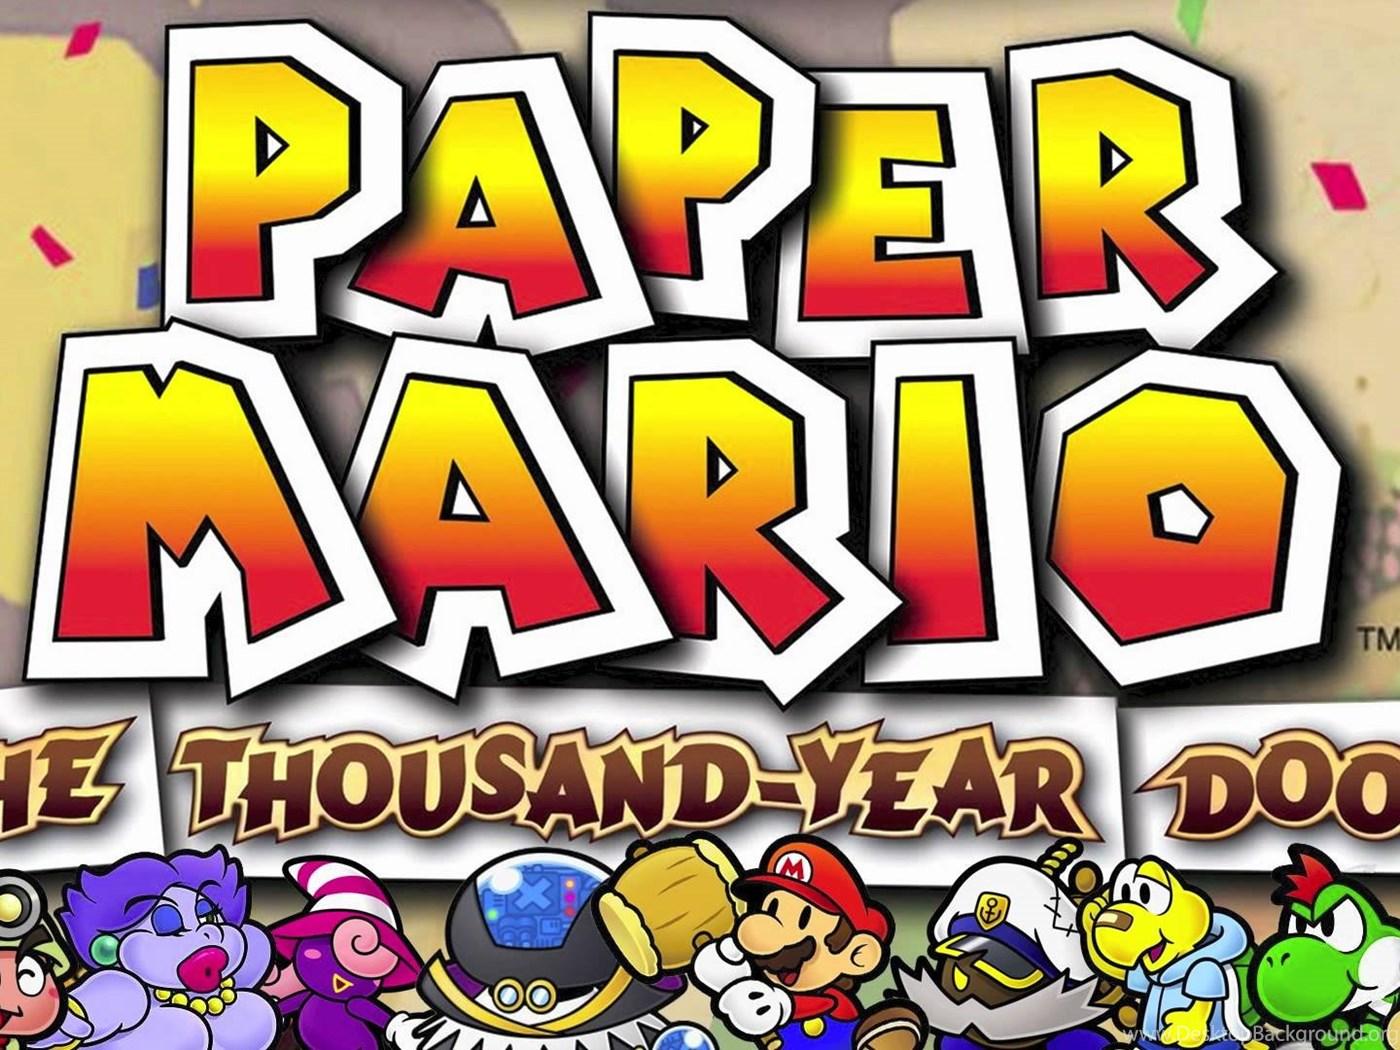 Petalburg Paper Mario The Thousand Year Door Youtube Desktop